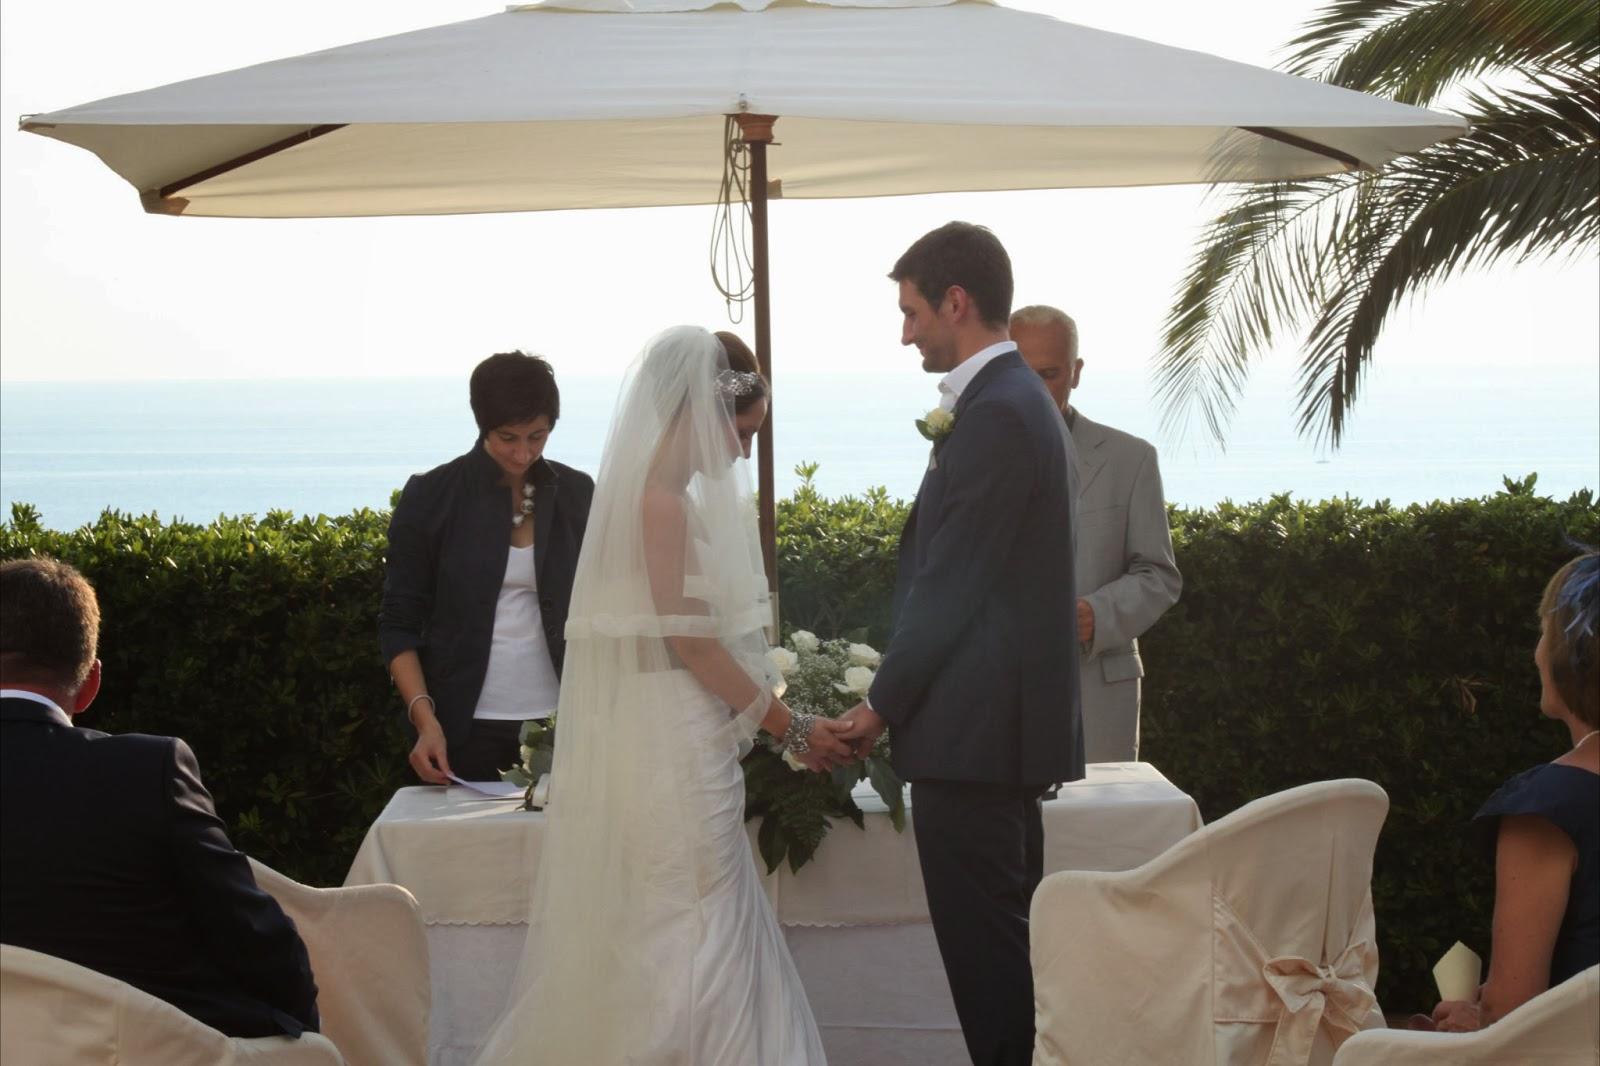 Matrimonio Spiaggia Rito Civile : Spose italiane consigli per la sposa su come organizzare